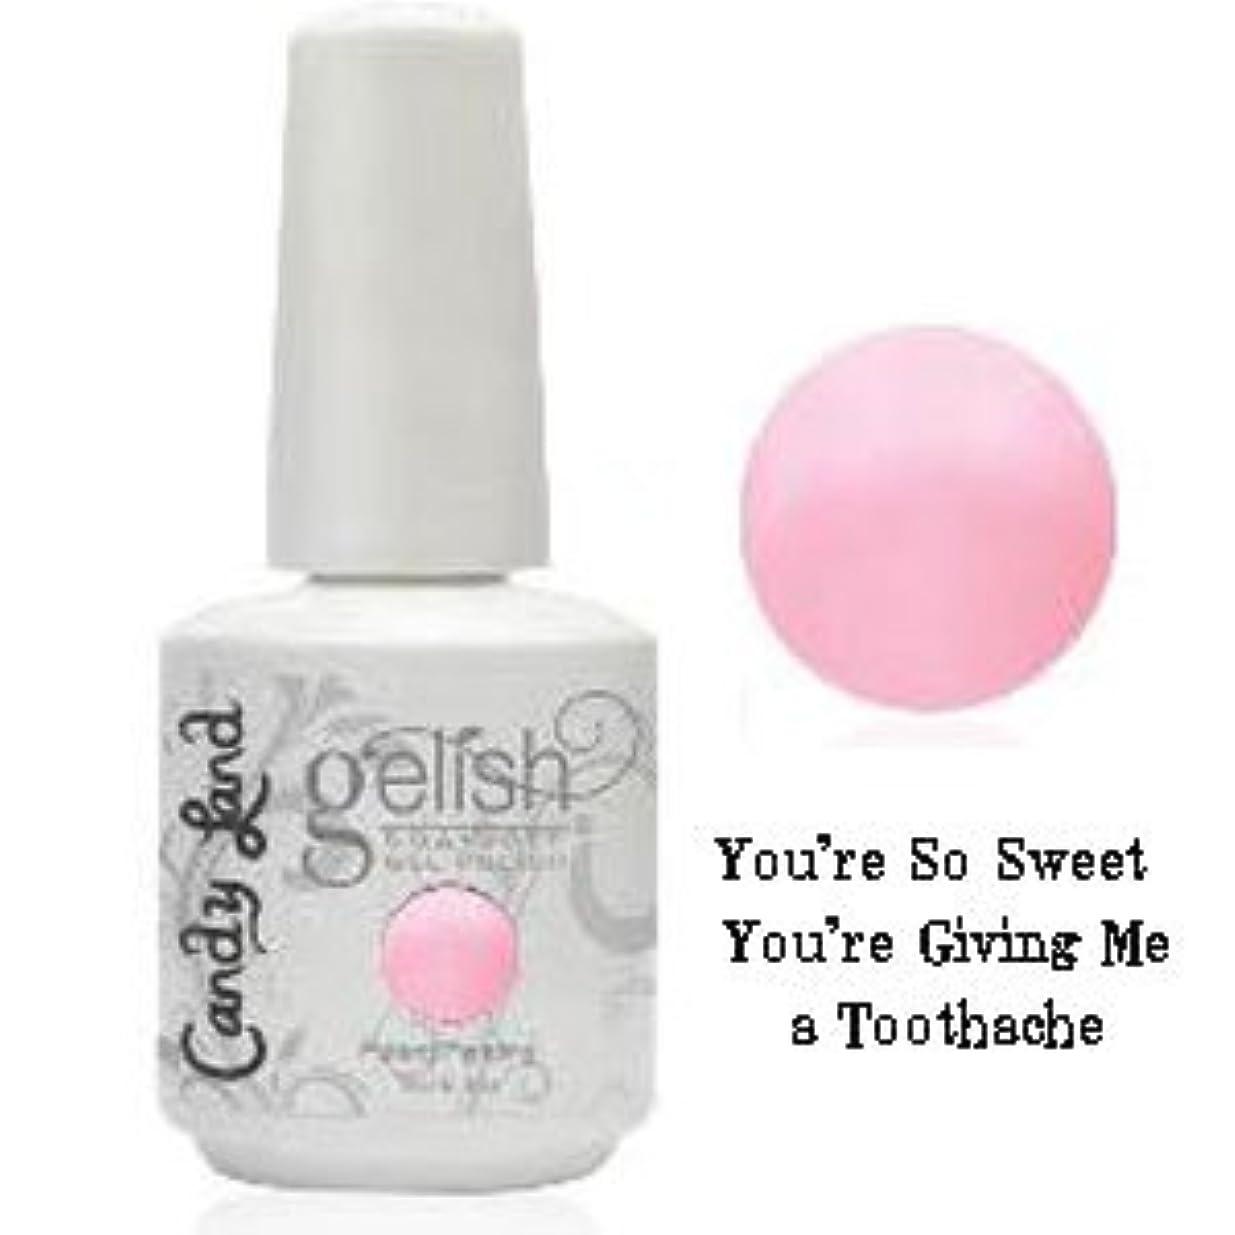 節約するオーロックチラチラするHarmony gelishソークオフジェル-You're So Sweet You're Giving Me a Toothache -キャンディーランドコレクション 15ml [海外直送品][並行輸入品]